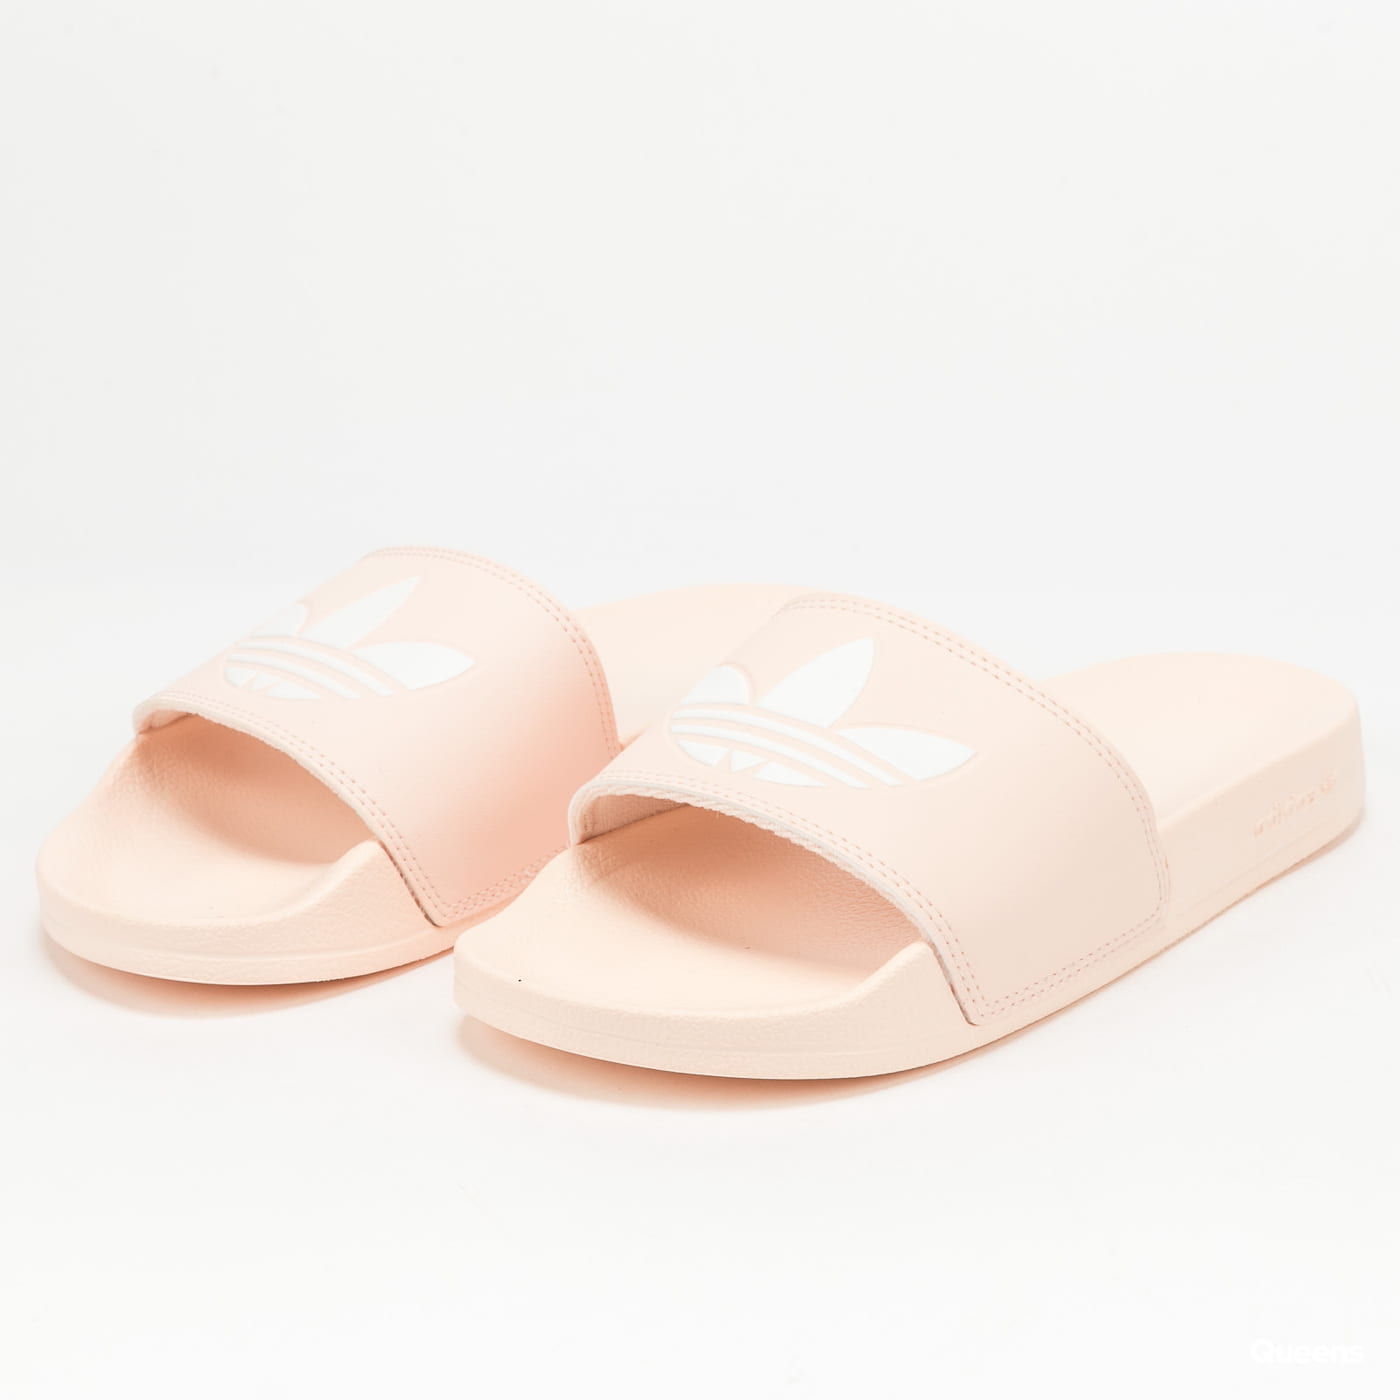 adidas Originals Adilette Lite W pnktin / ftwwht / pnktin